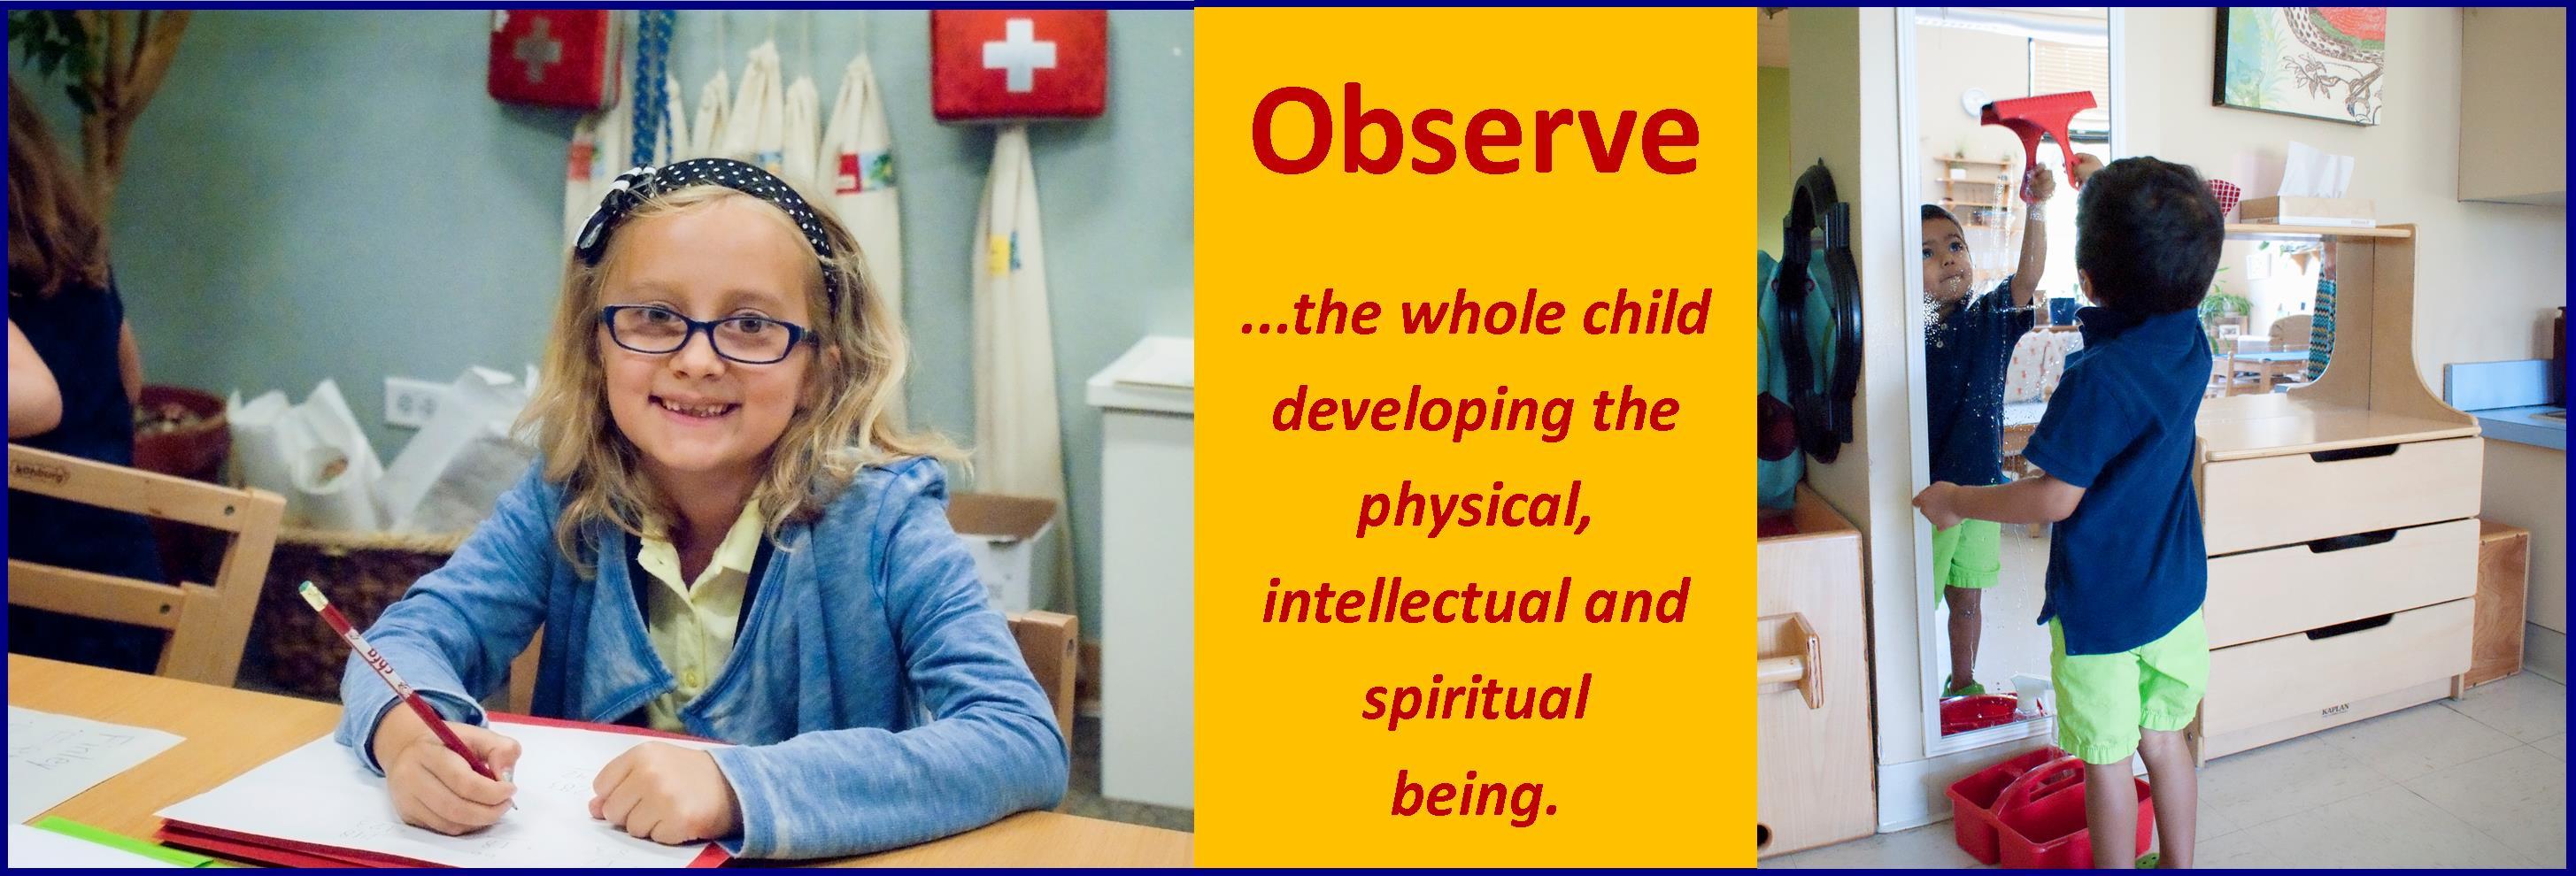 Observe Banner